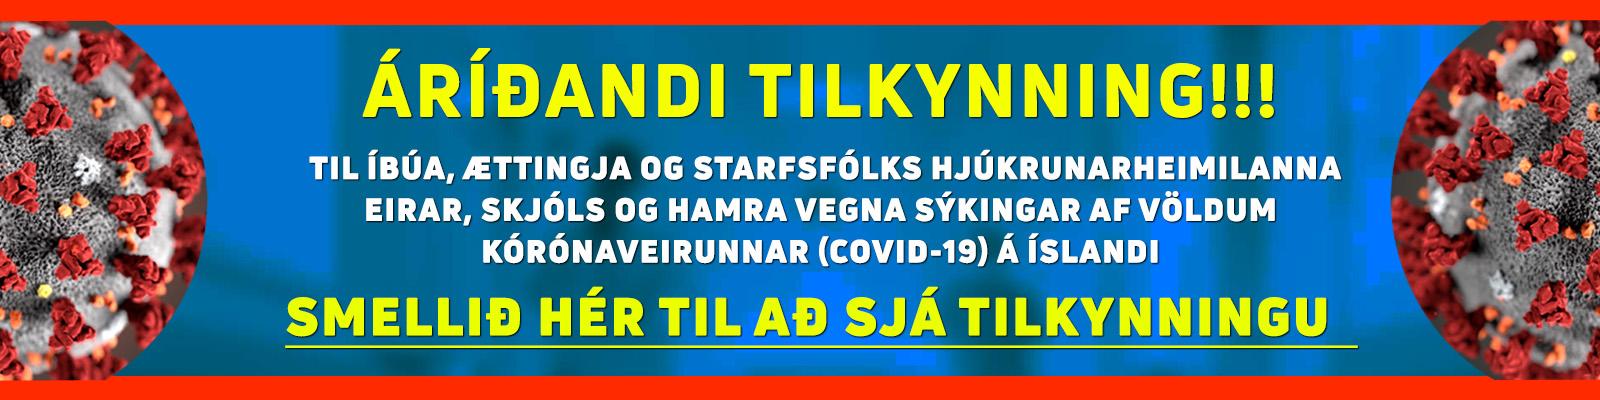 ríðandi-tilkynning-frá-Eir-vegna-Kórónaveirunnar